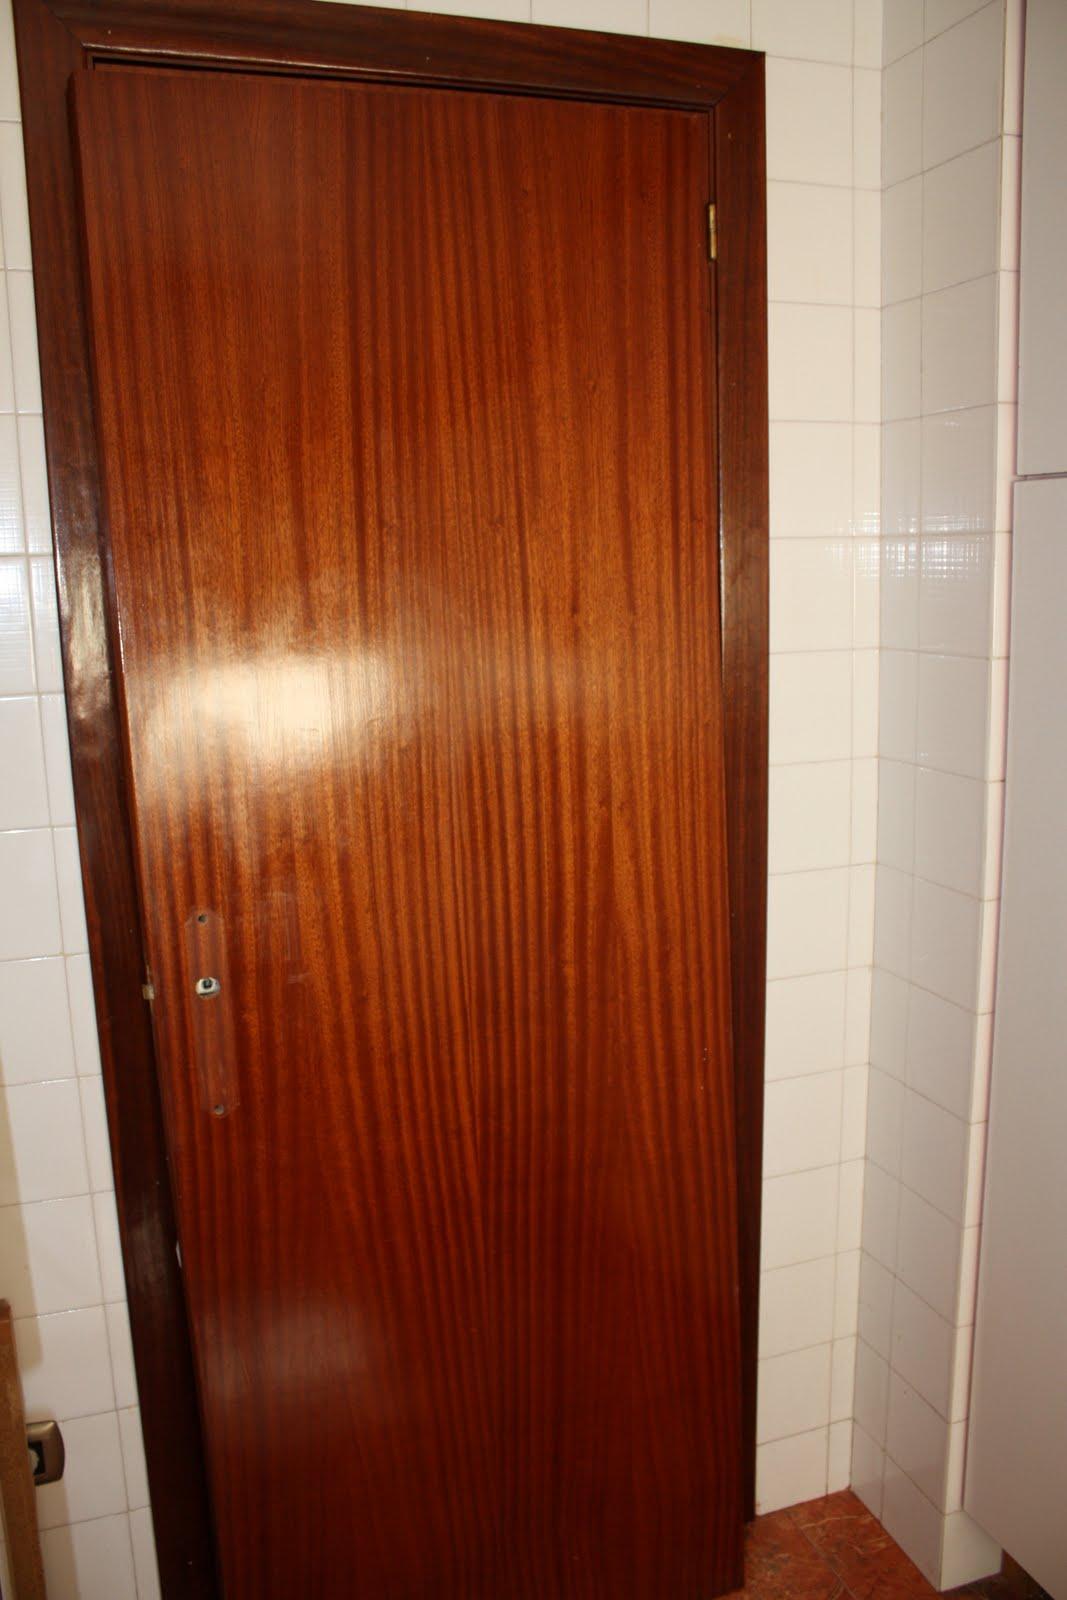 Brico carpinteria soluci n econ mica para puertas for Cambiar aspecto puertas de interior